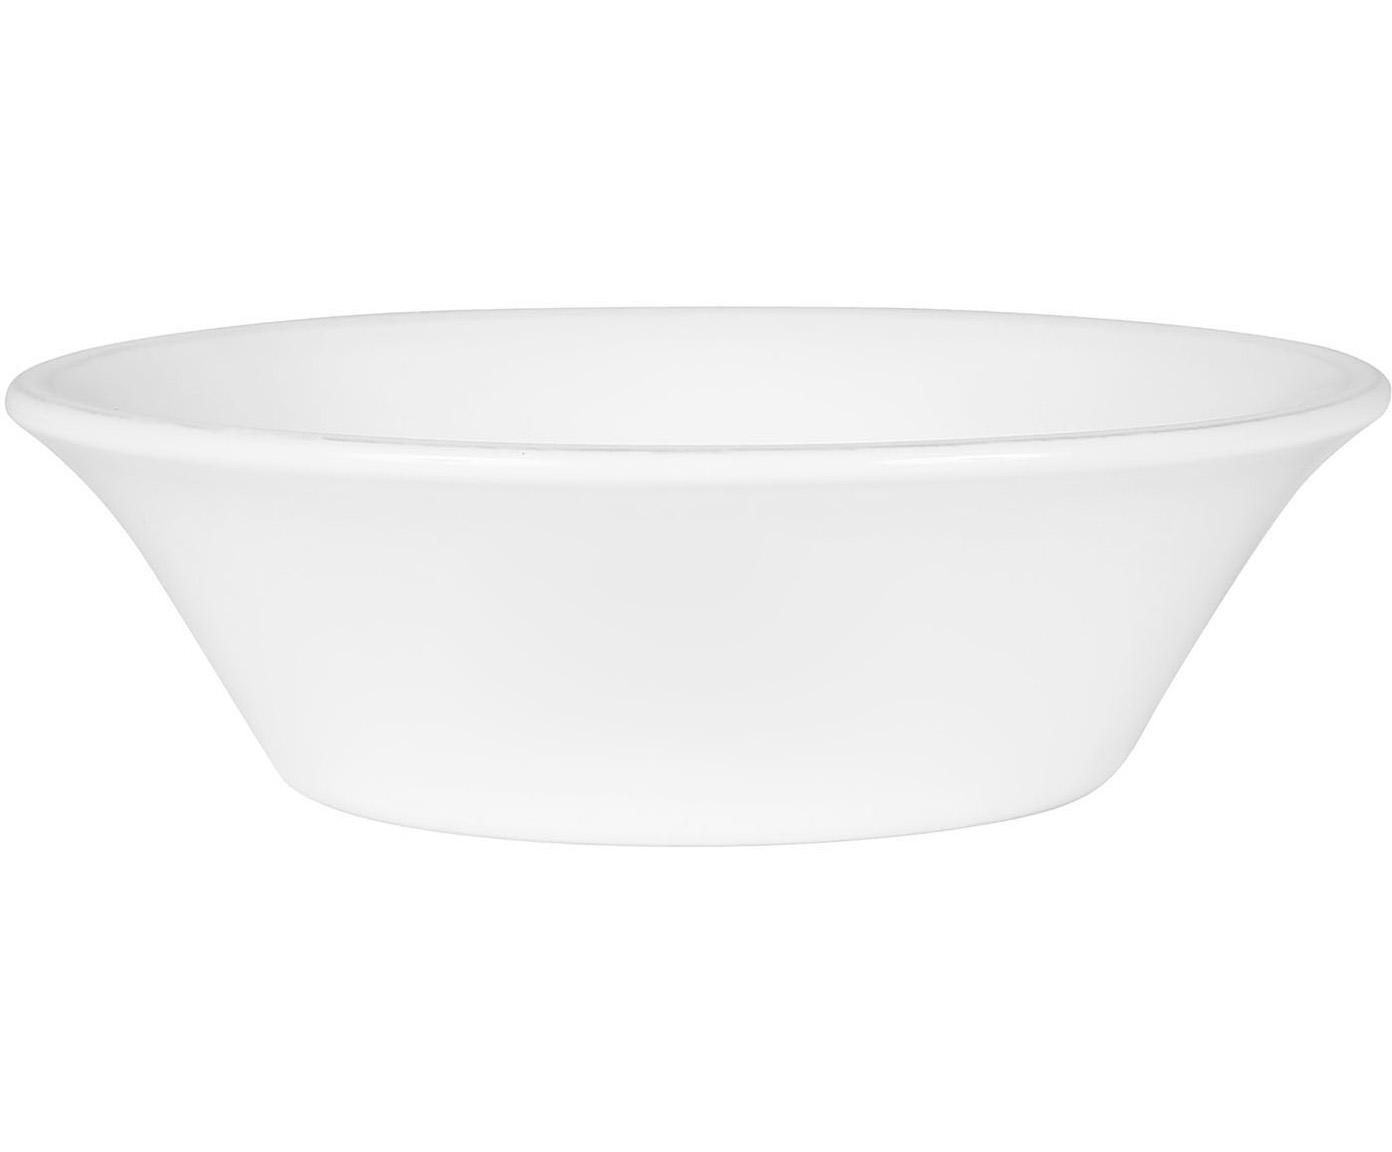 Kommen Constance in wit, 2 stuks, Keramiek, Wit, Ø 19 x H 5 cm